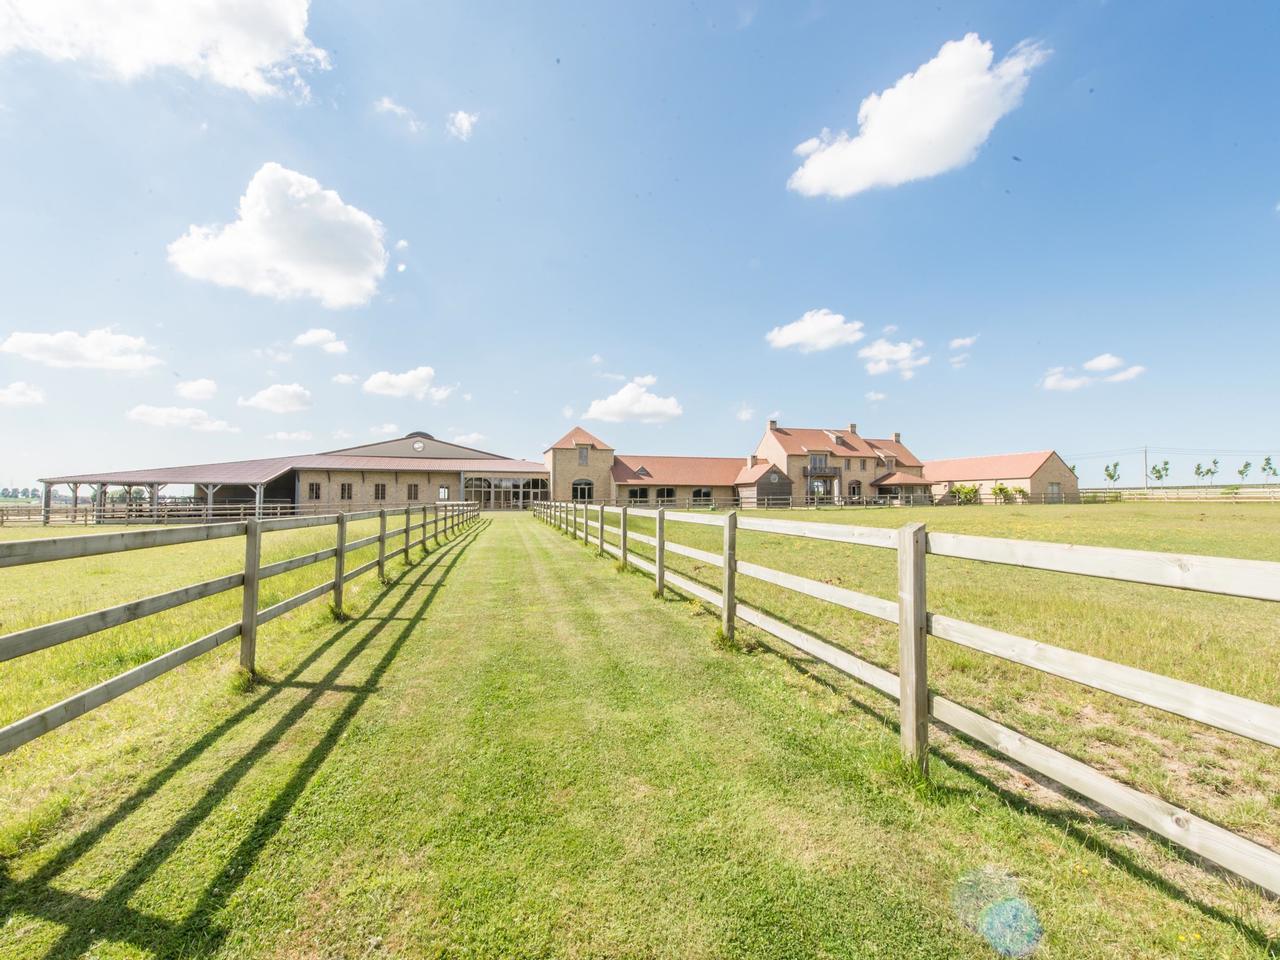 農場/牧場 / プランテーション のために 売買 アット West Vlaanderen I Langemark Other Belgium, ベルギーのその他の地域, 8920 ベルギー